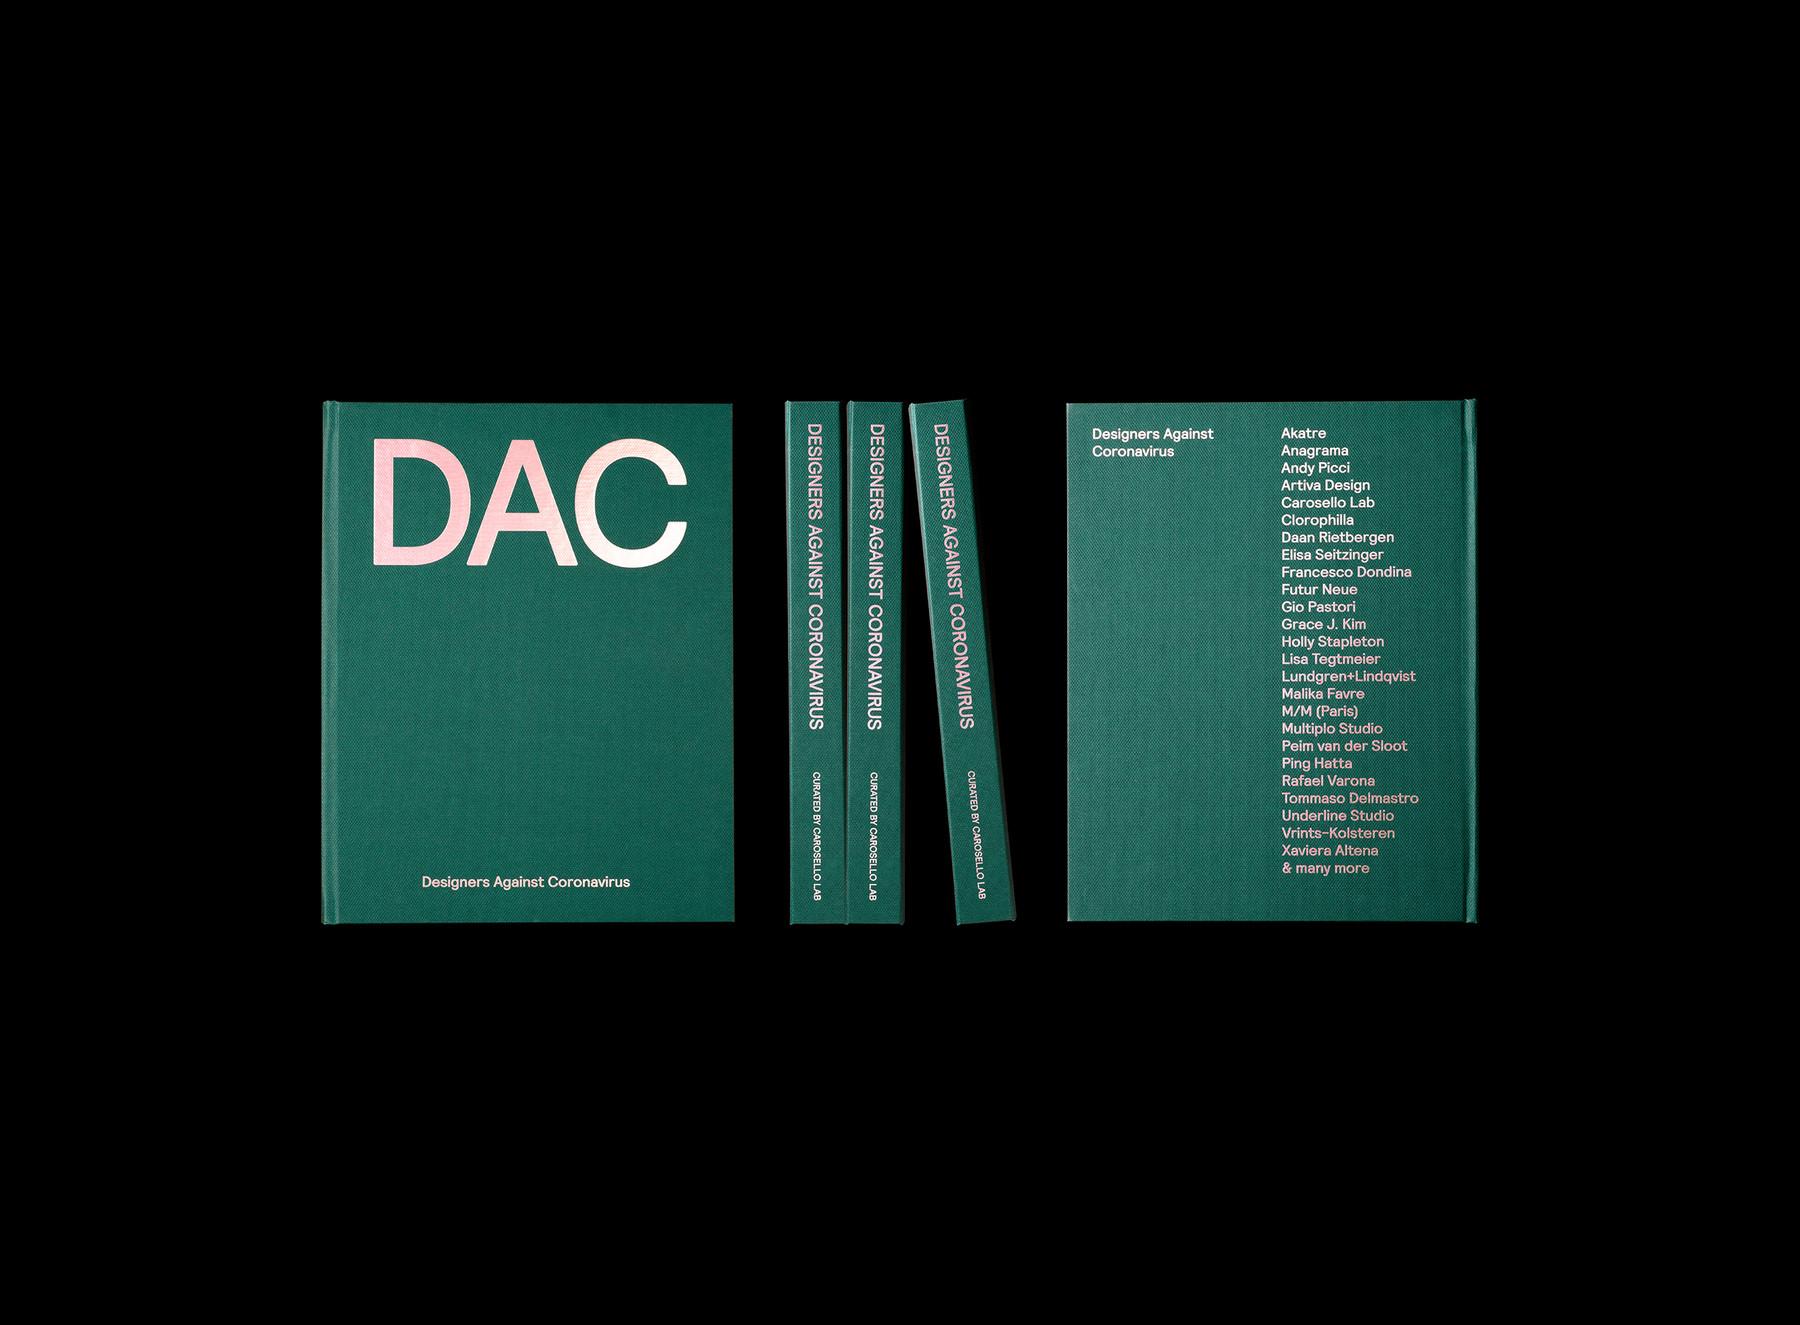 001 DAC book carosellolab black